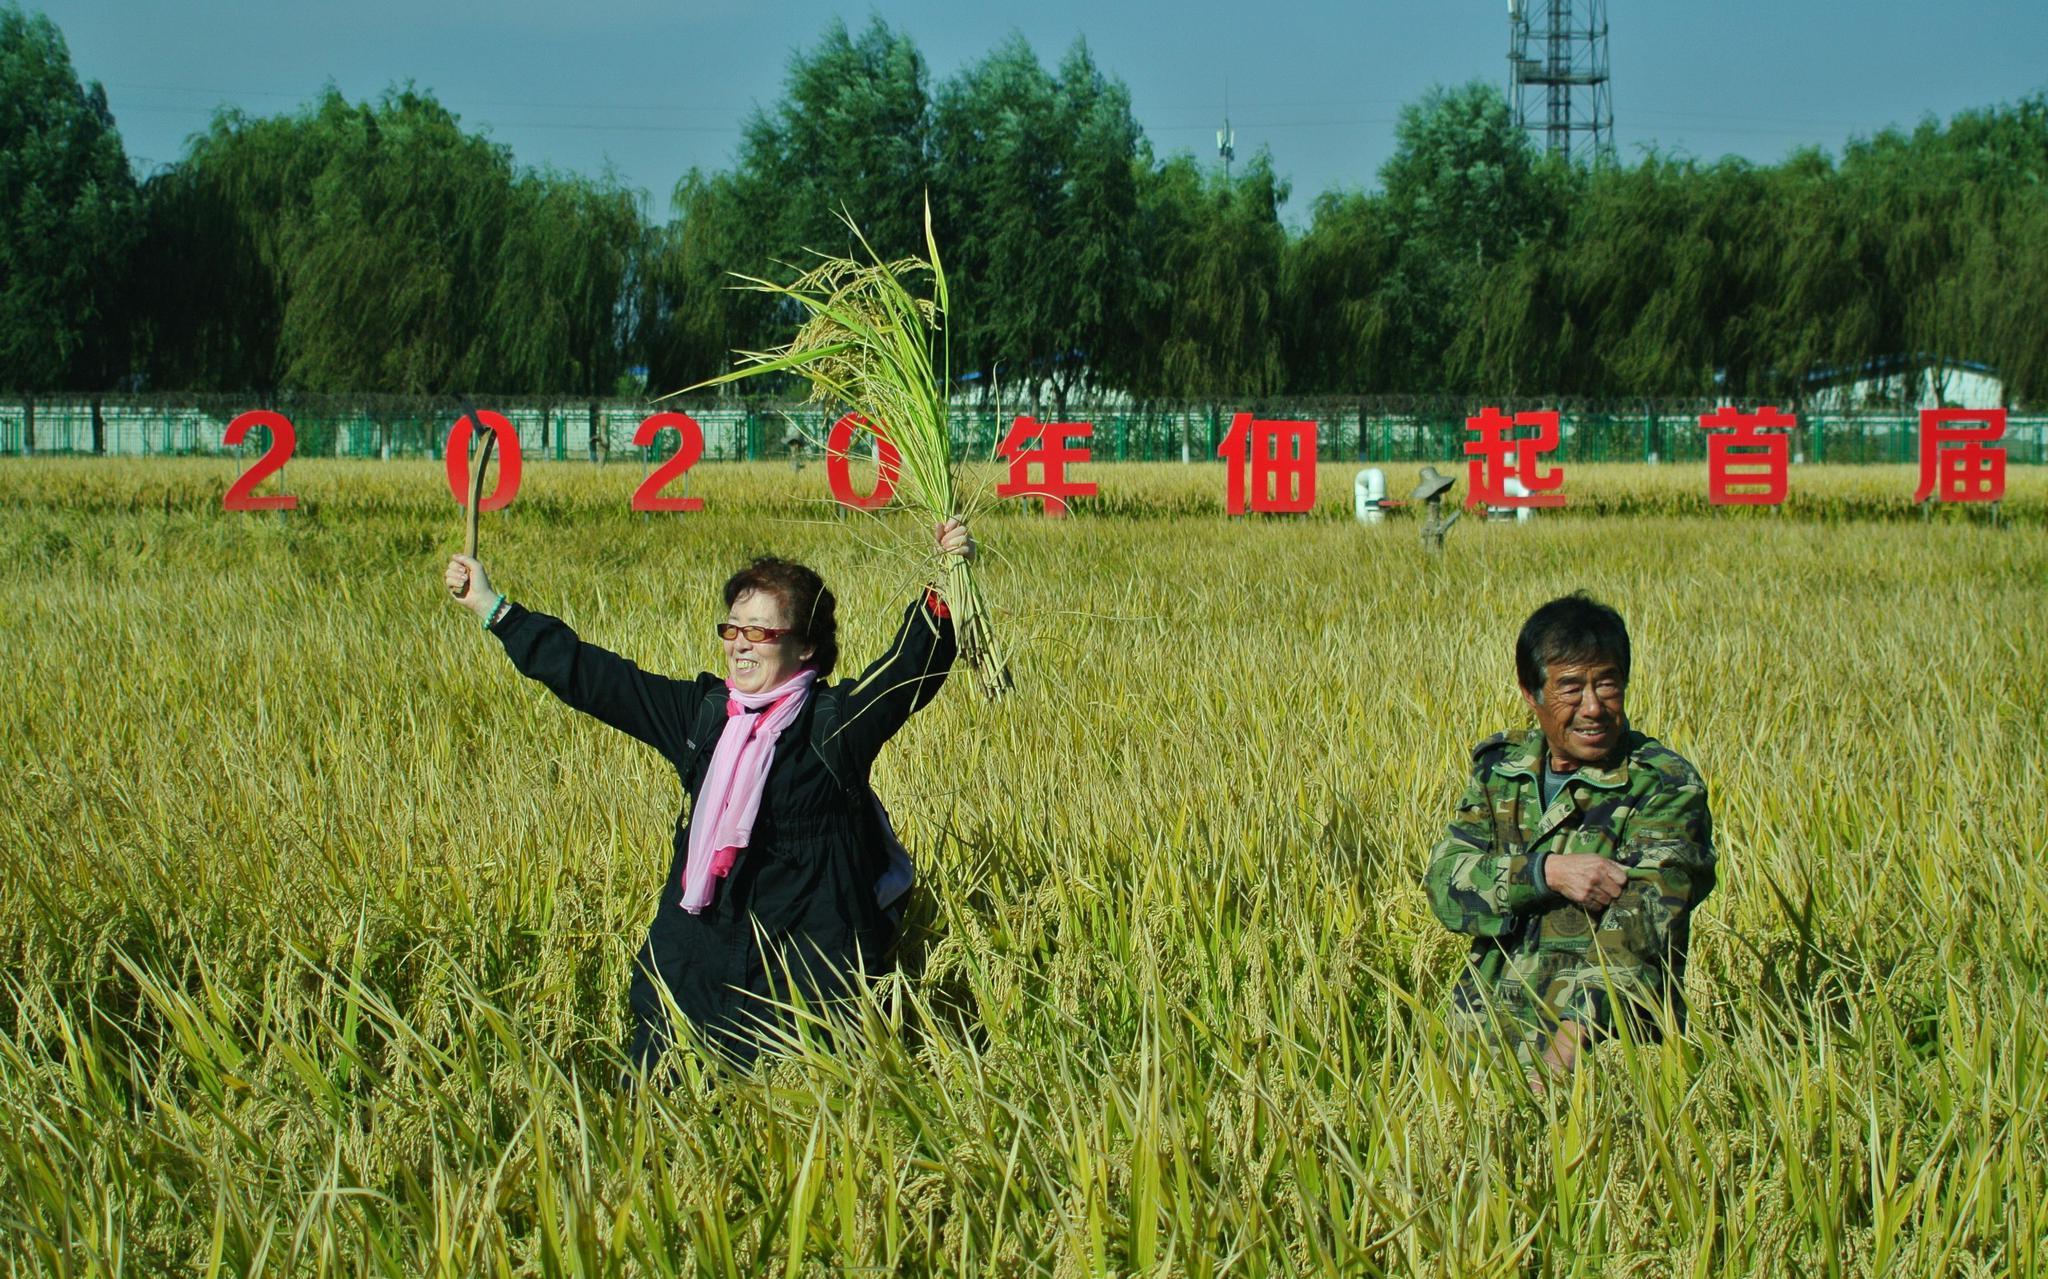 京西王佐镇稻香飘 北京六城区内最大稻田今日开镰图片